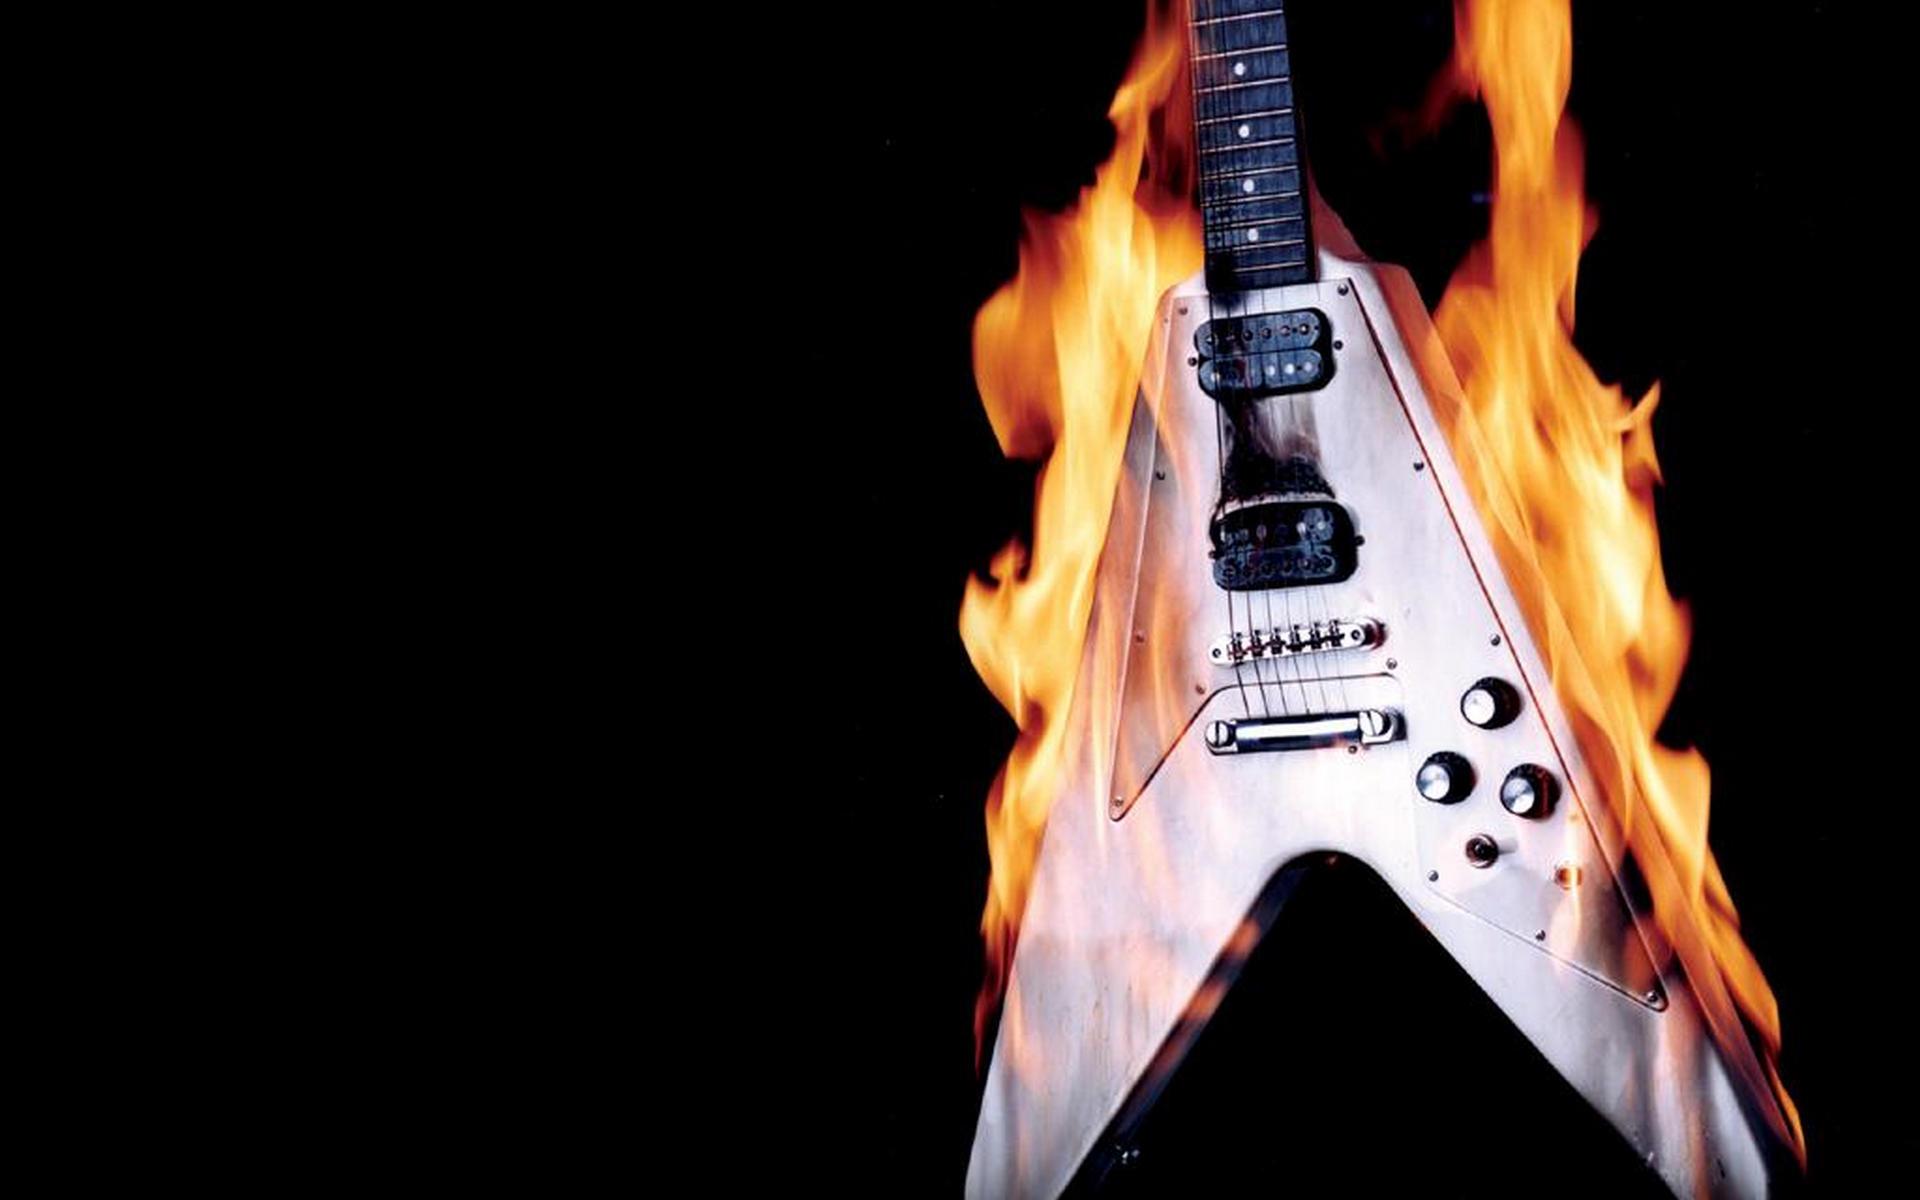 Гитара в огне скачать